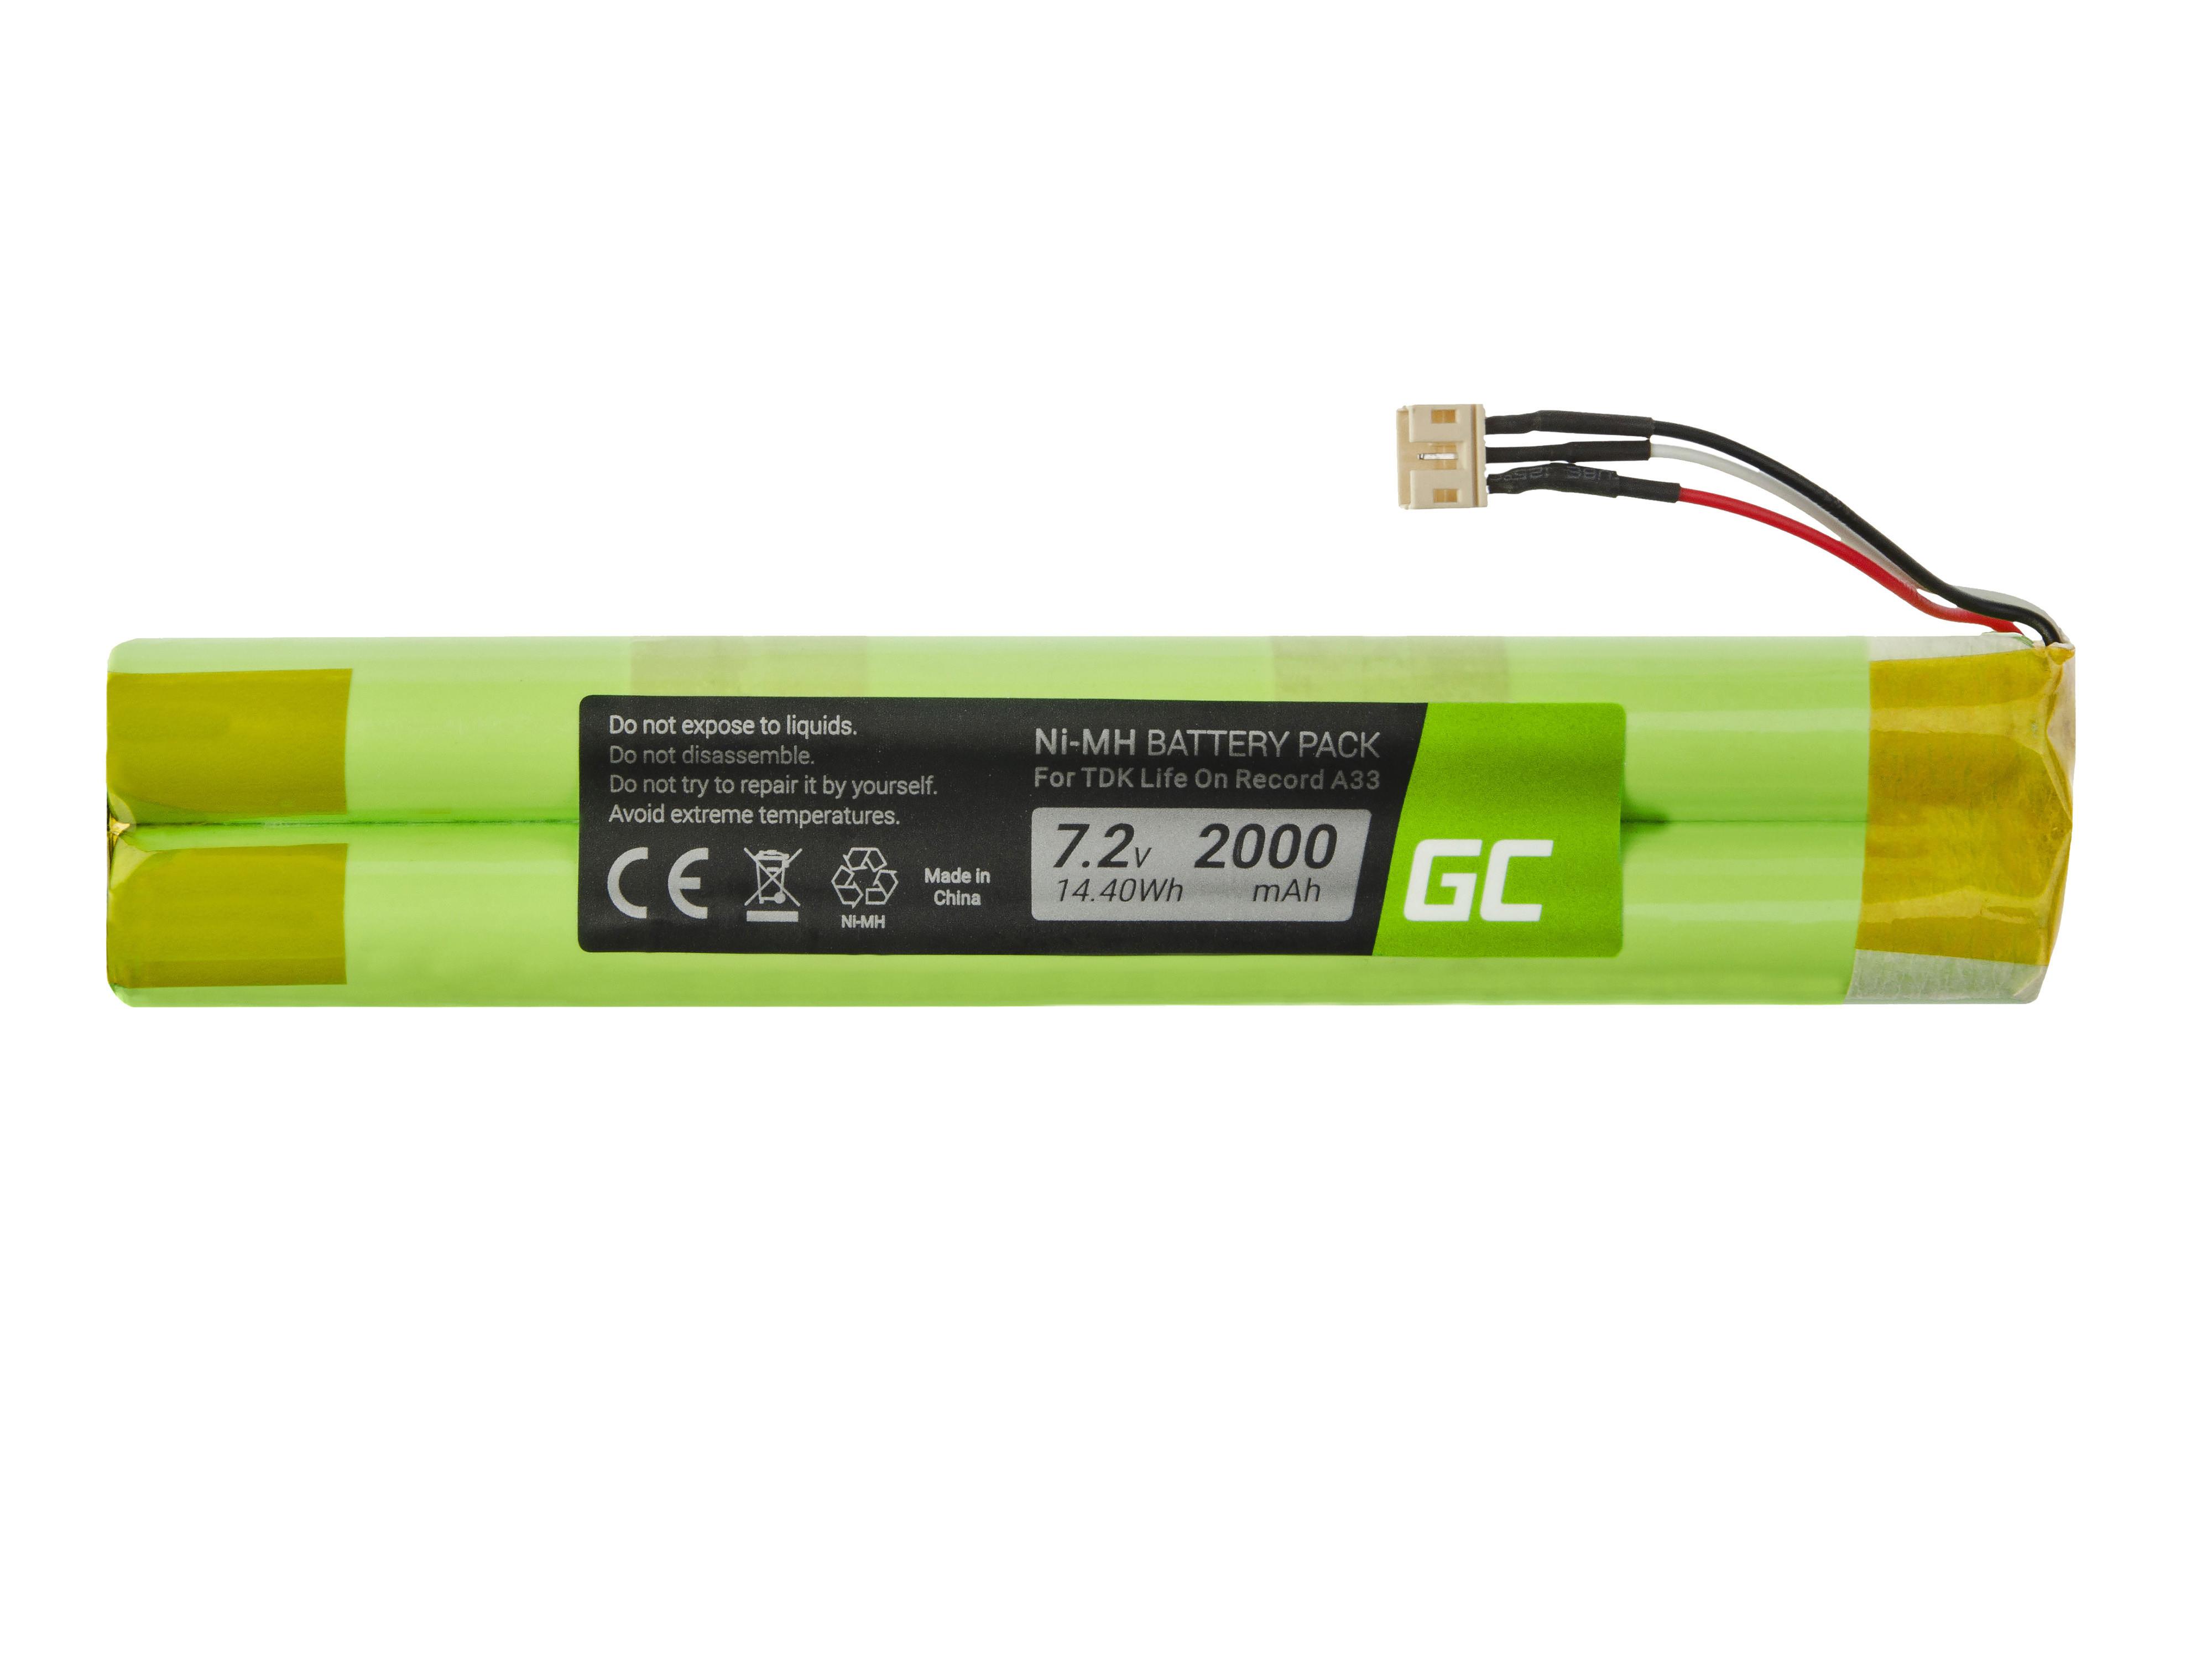 Green Cell SP17 Baterie EU-BT00003000-B TDK Life On Record A33 A34 TREK Max 2000mAh Ni-MH – neoriginální